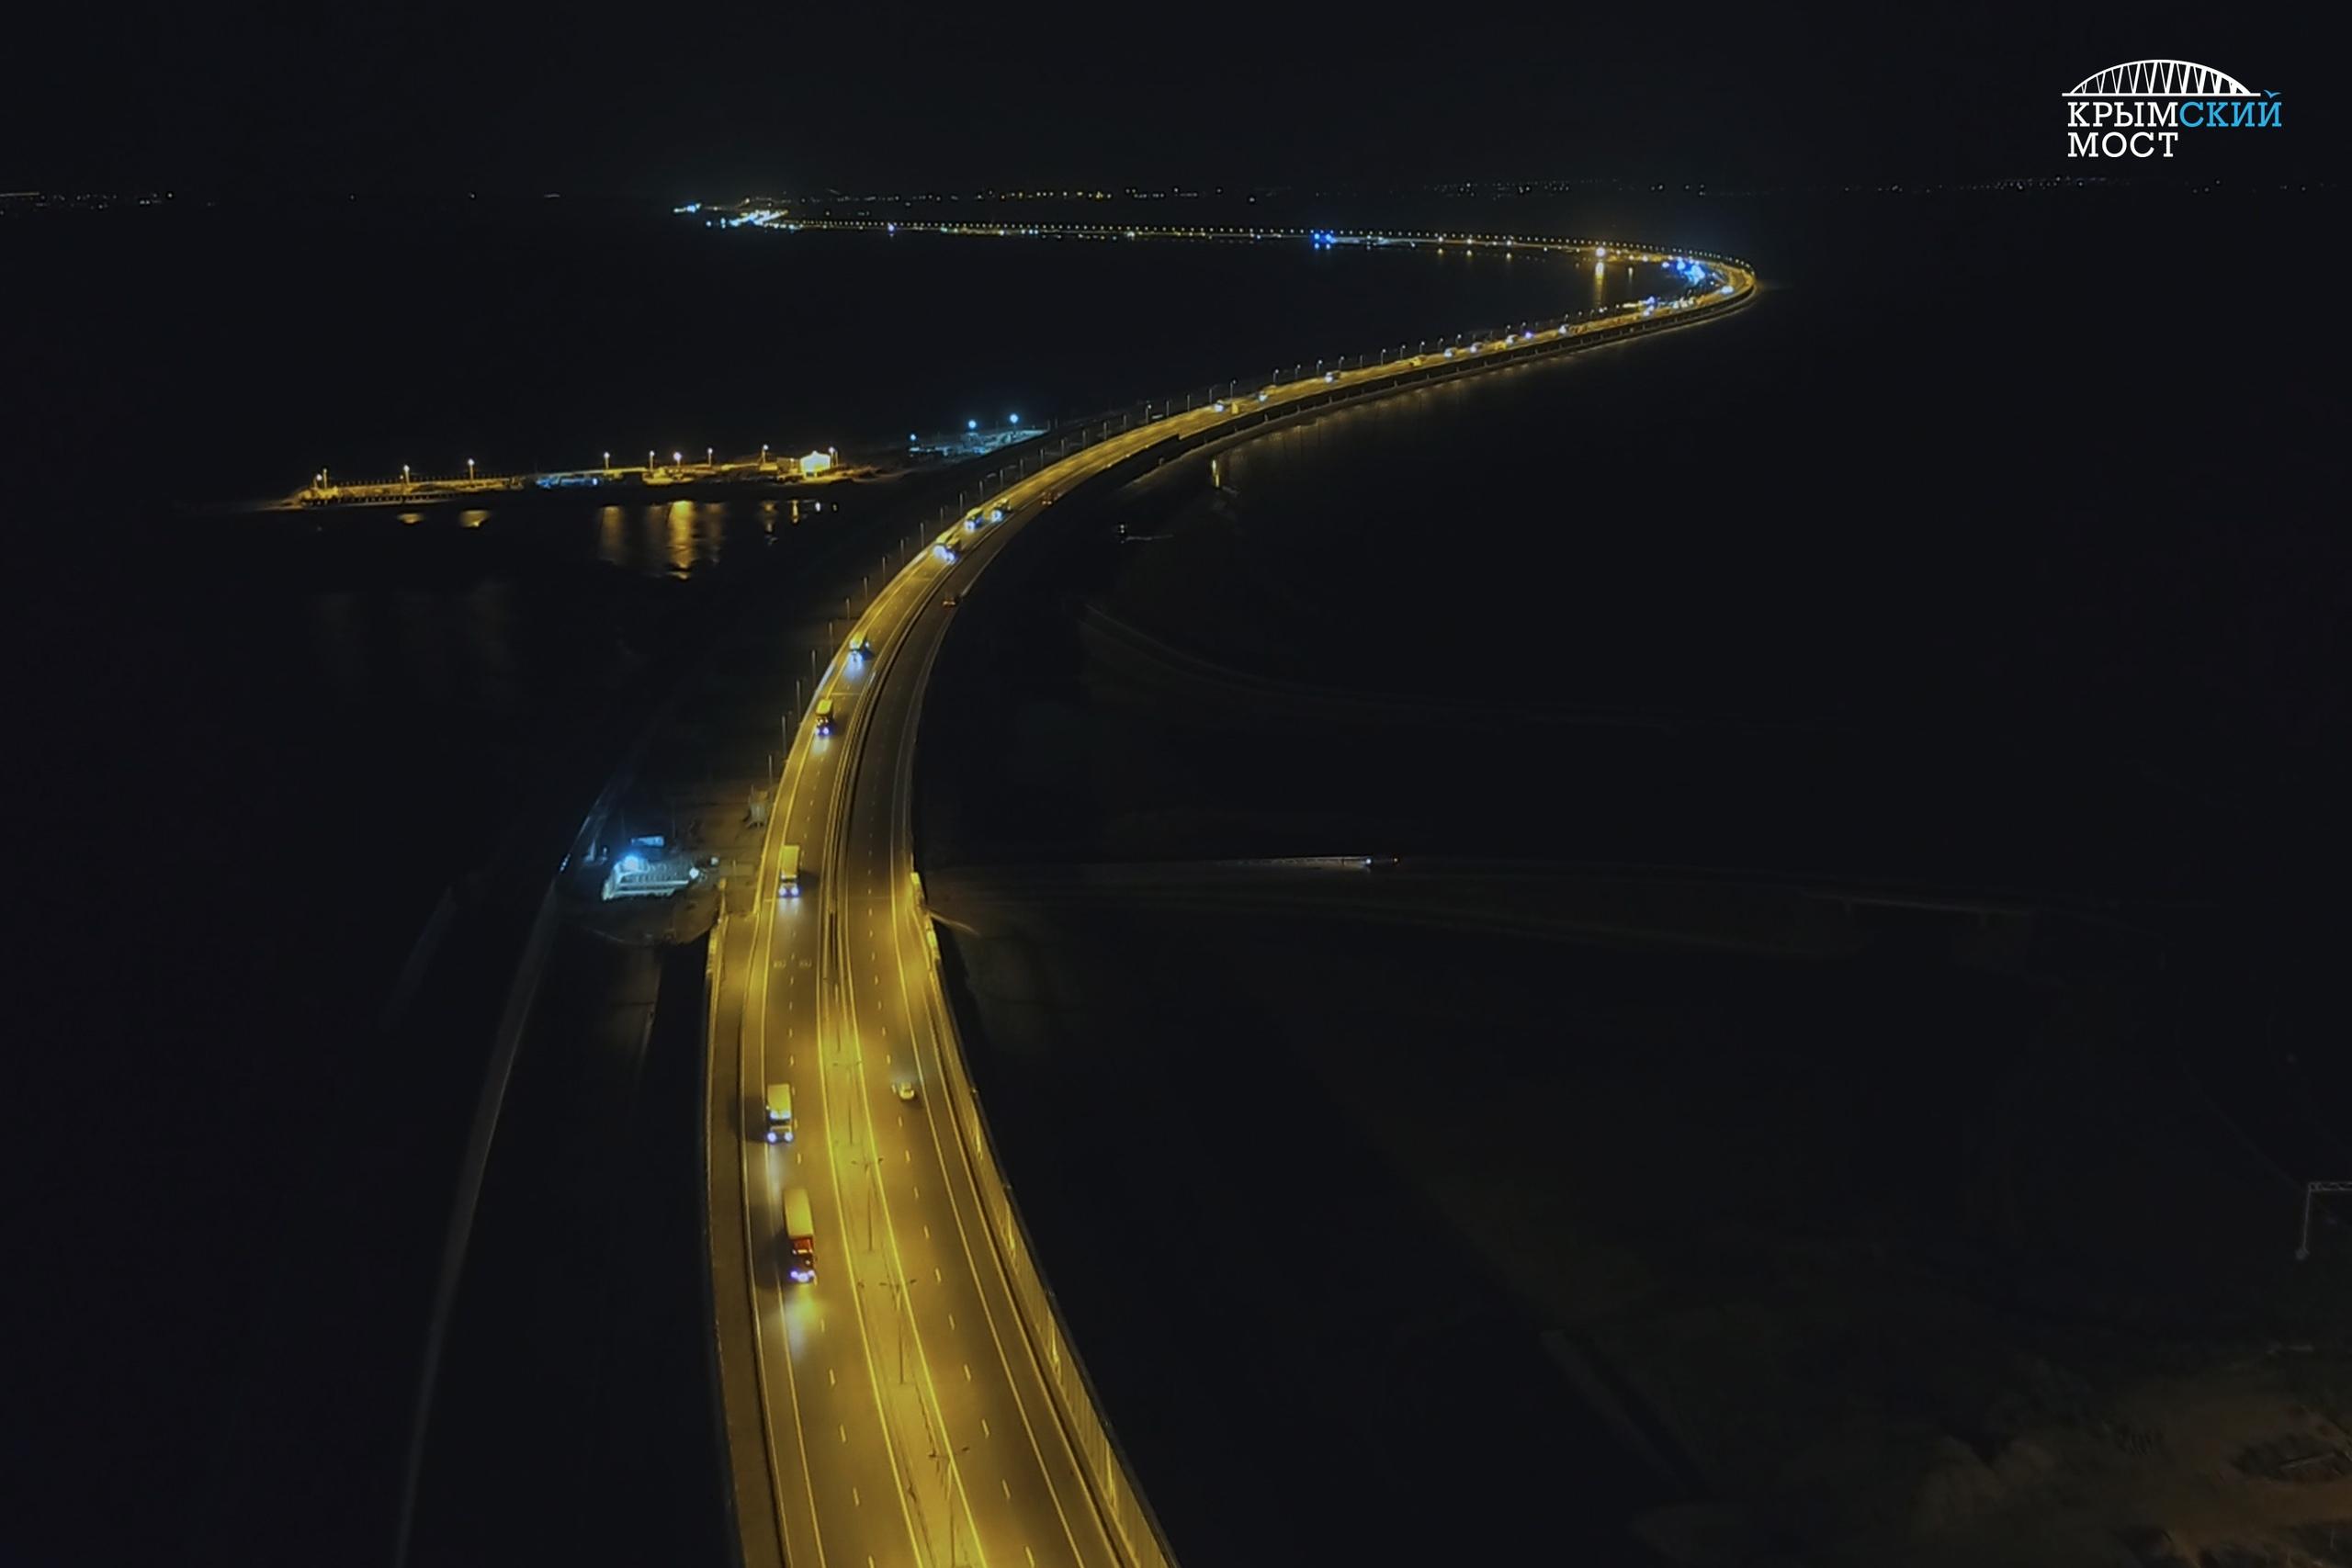 Какие у Вас планы на Крымский мост?